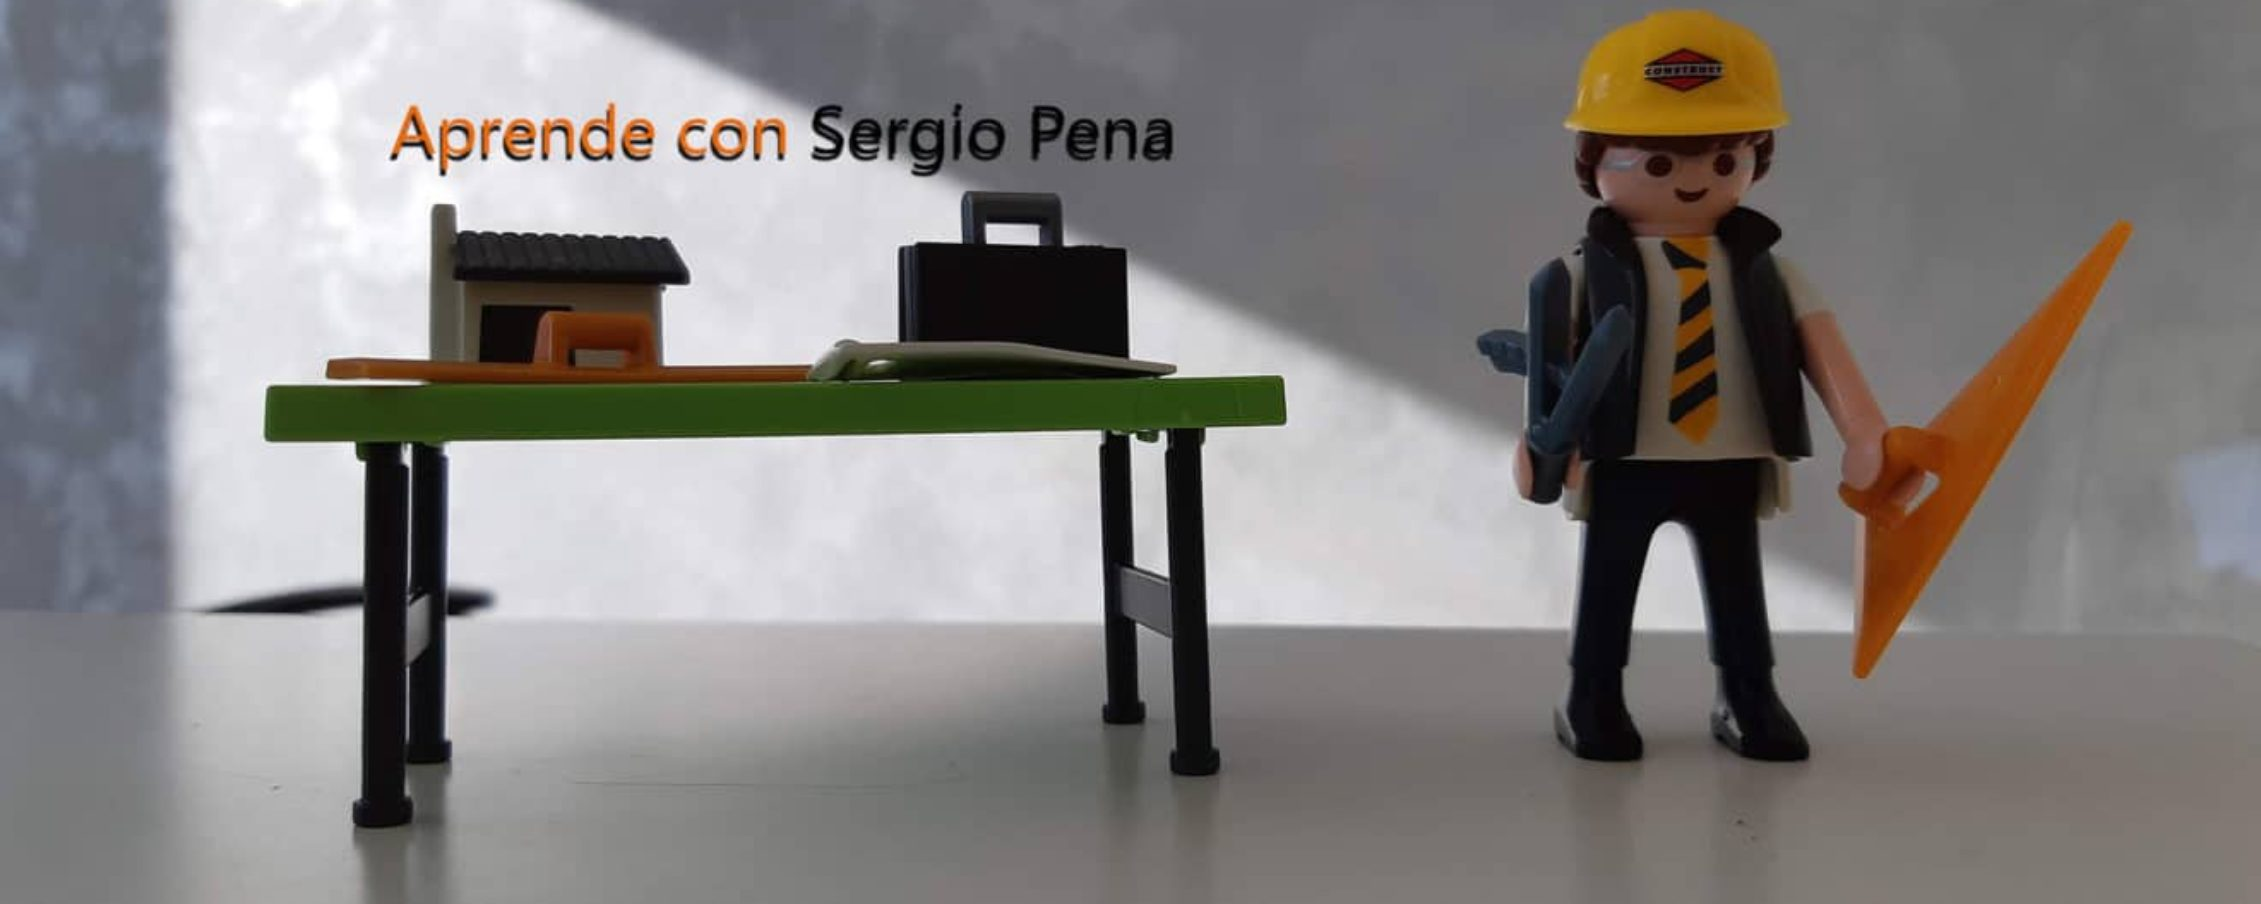 Aprende con Sergio